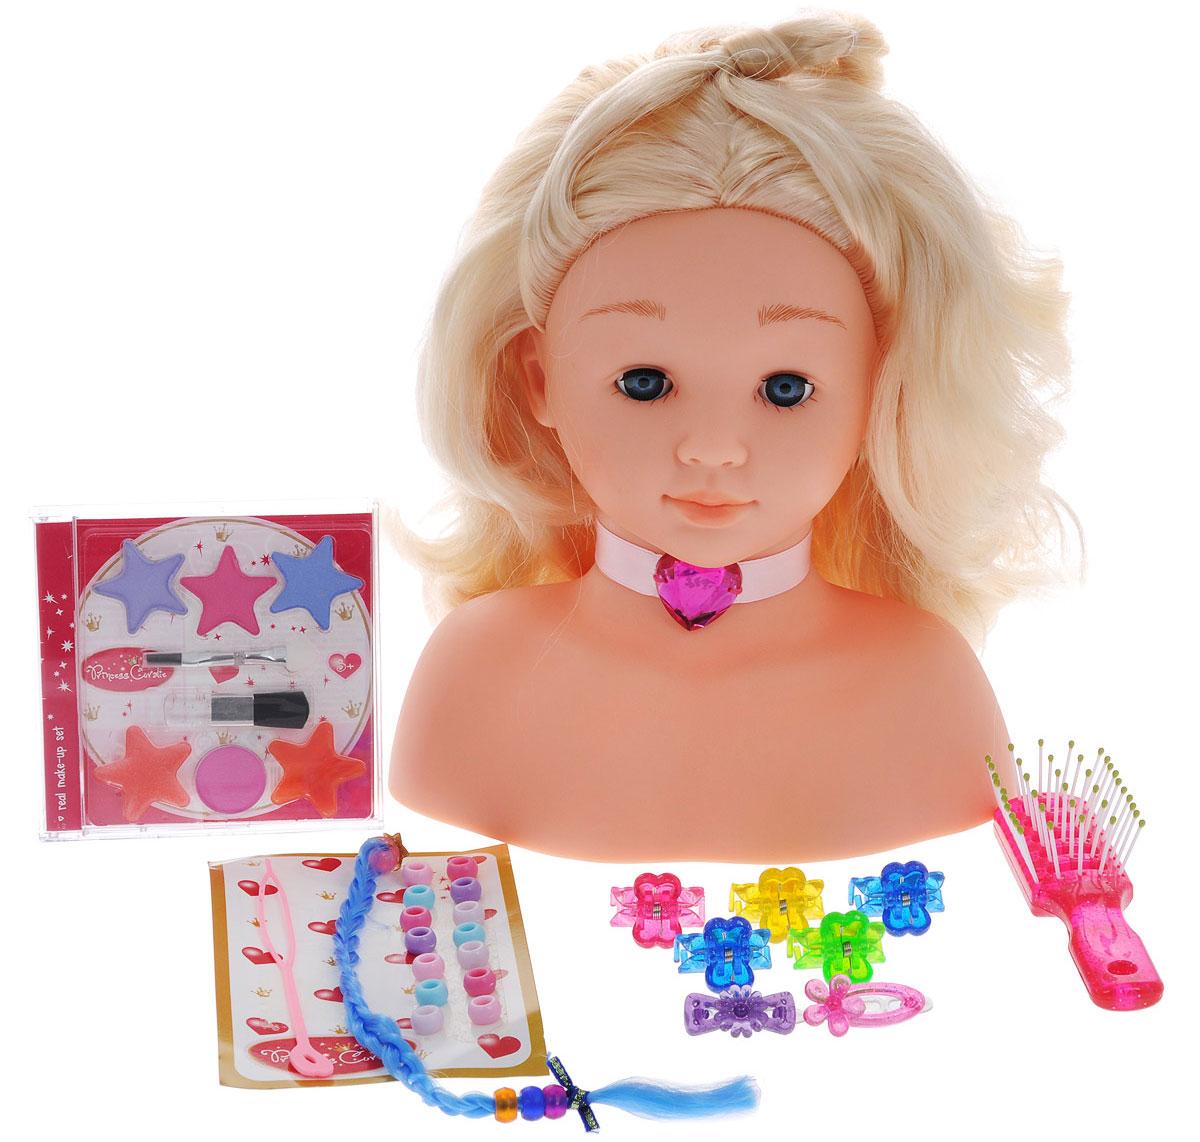 Klein Игровой набор Princess Coralie Модель для макияжа и причесок 27 предметов игровая кофеварка klein coralie